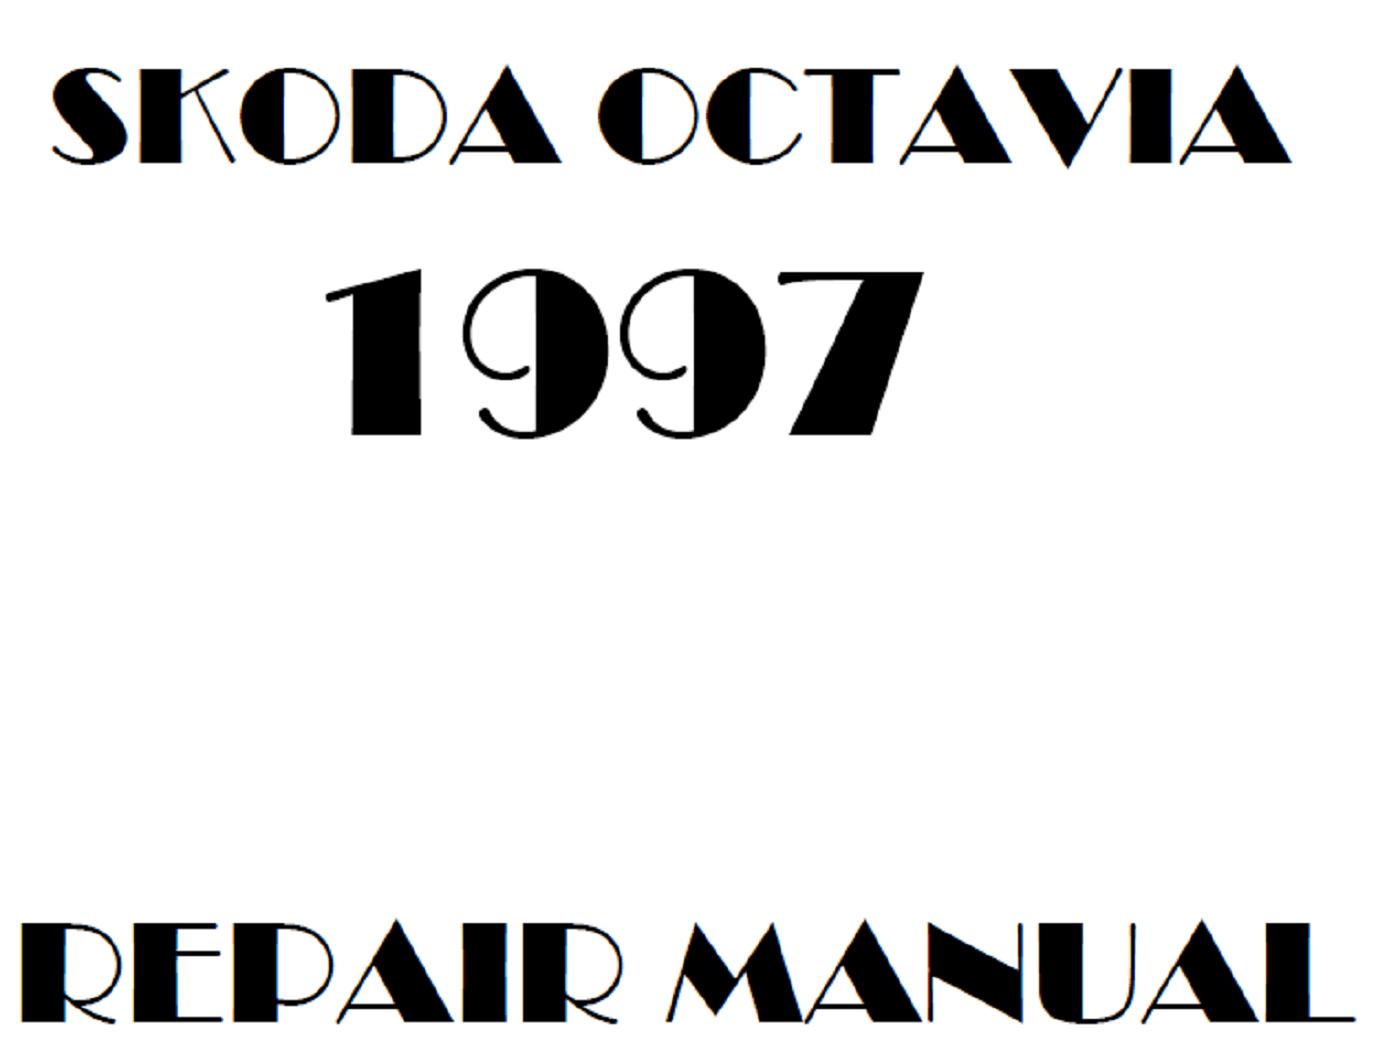 1997 Skoda Octavia repair manual